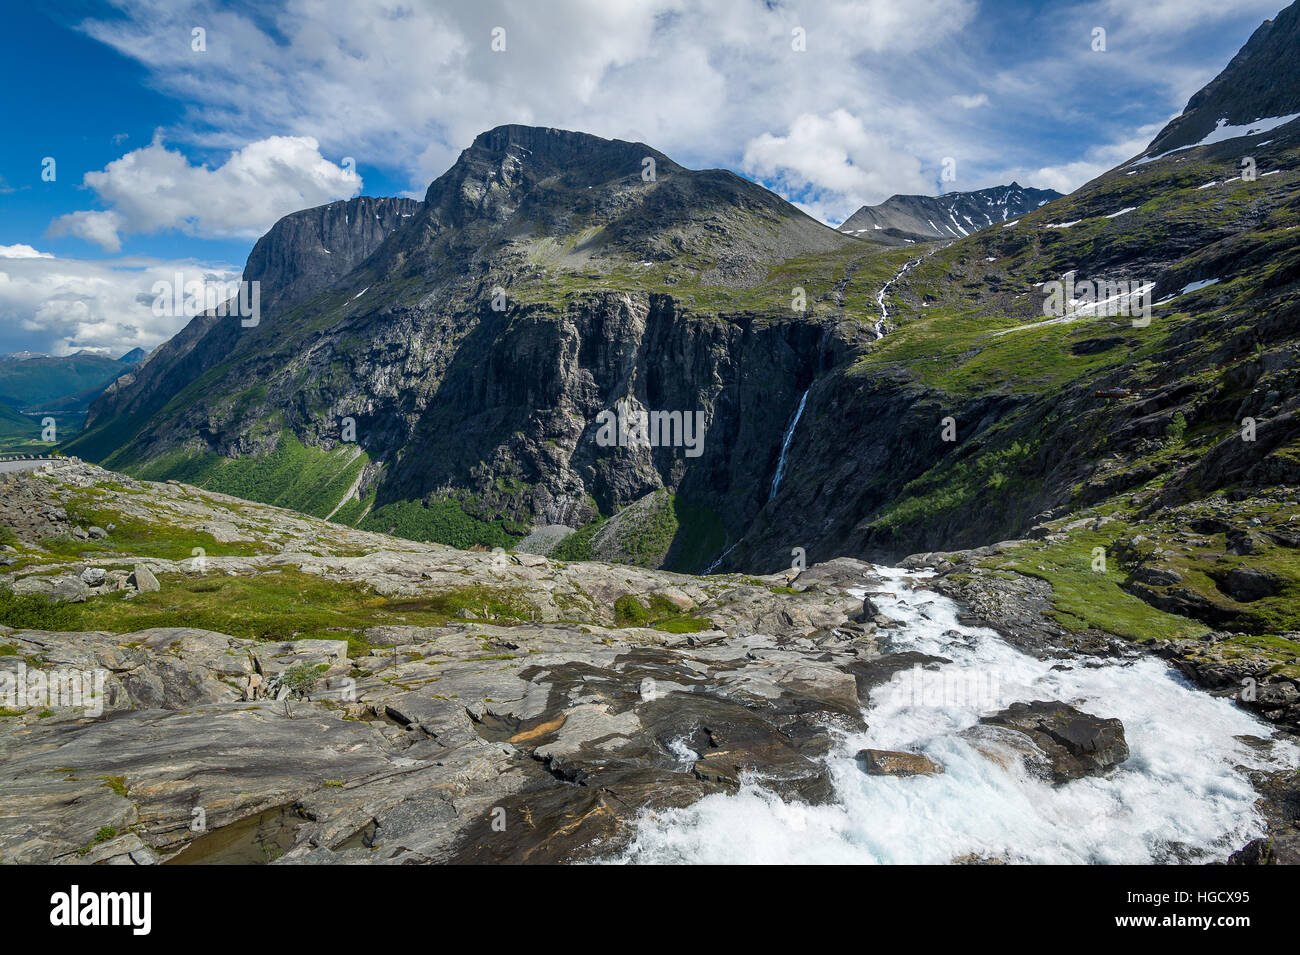 Trollstigen mountain viewpoint - Stock Image